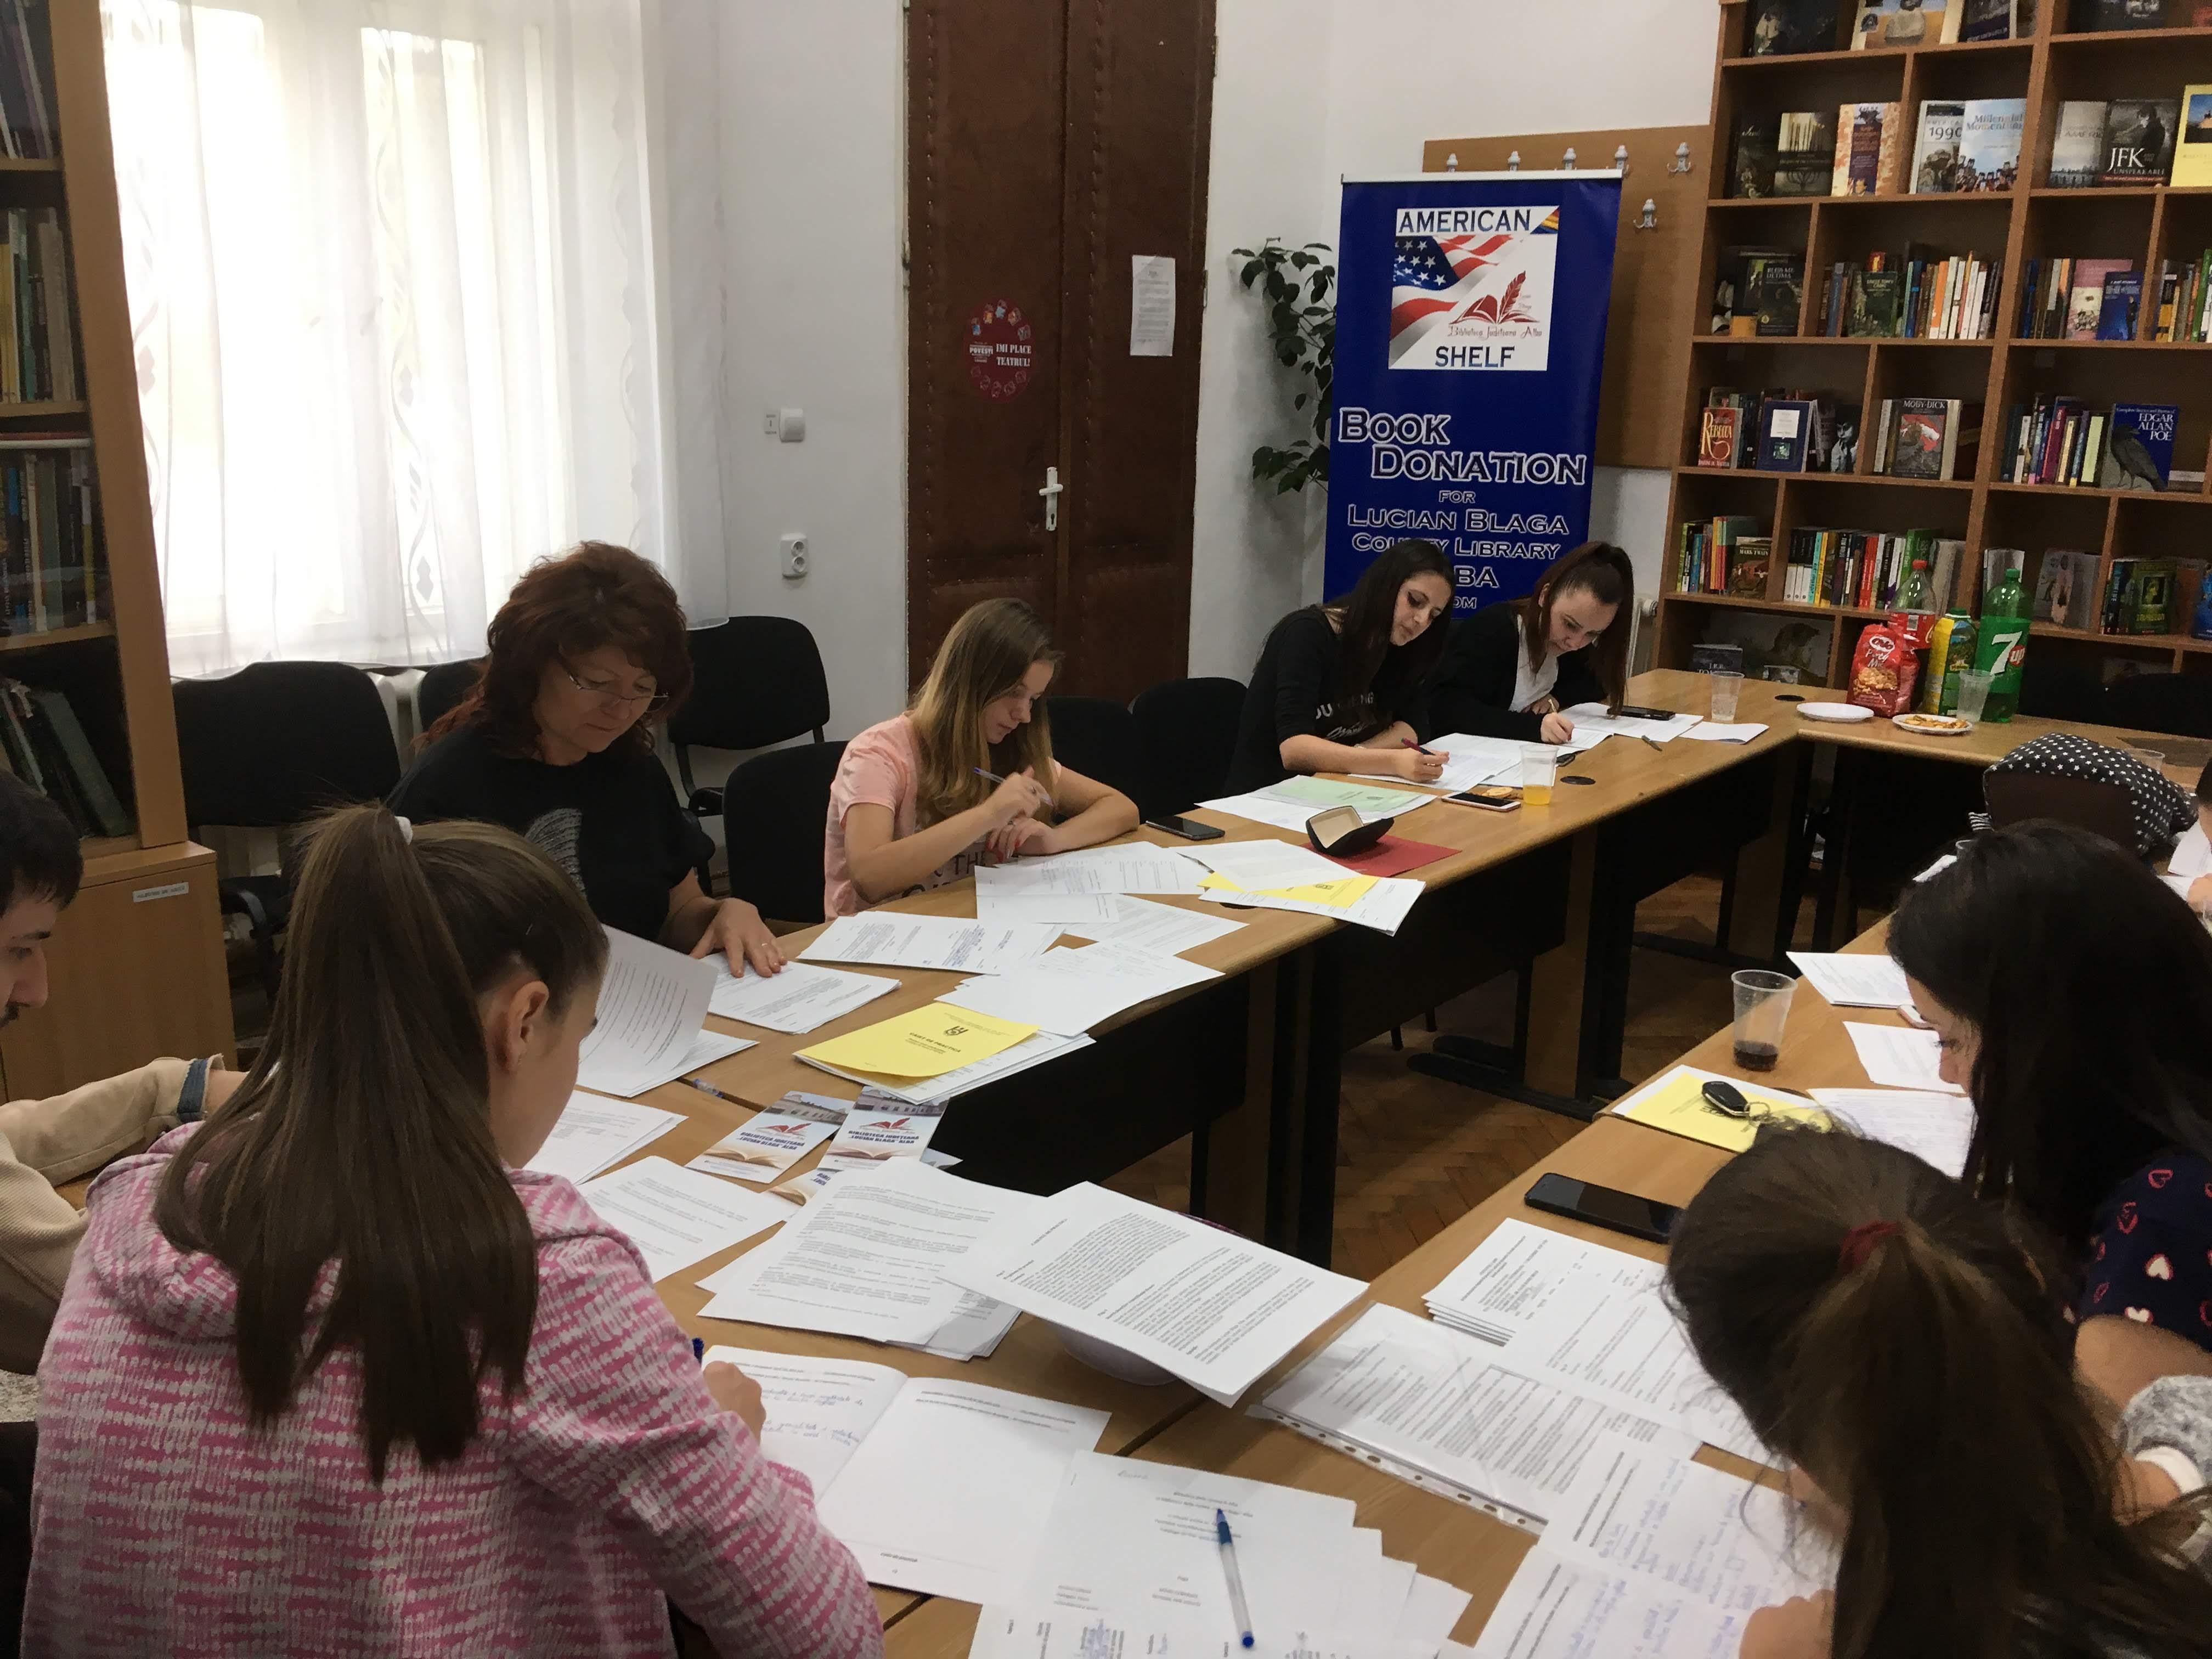 9 iulie 2018, practica studenților la Sala de lectură a bibliotecii